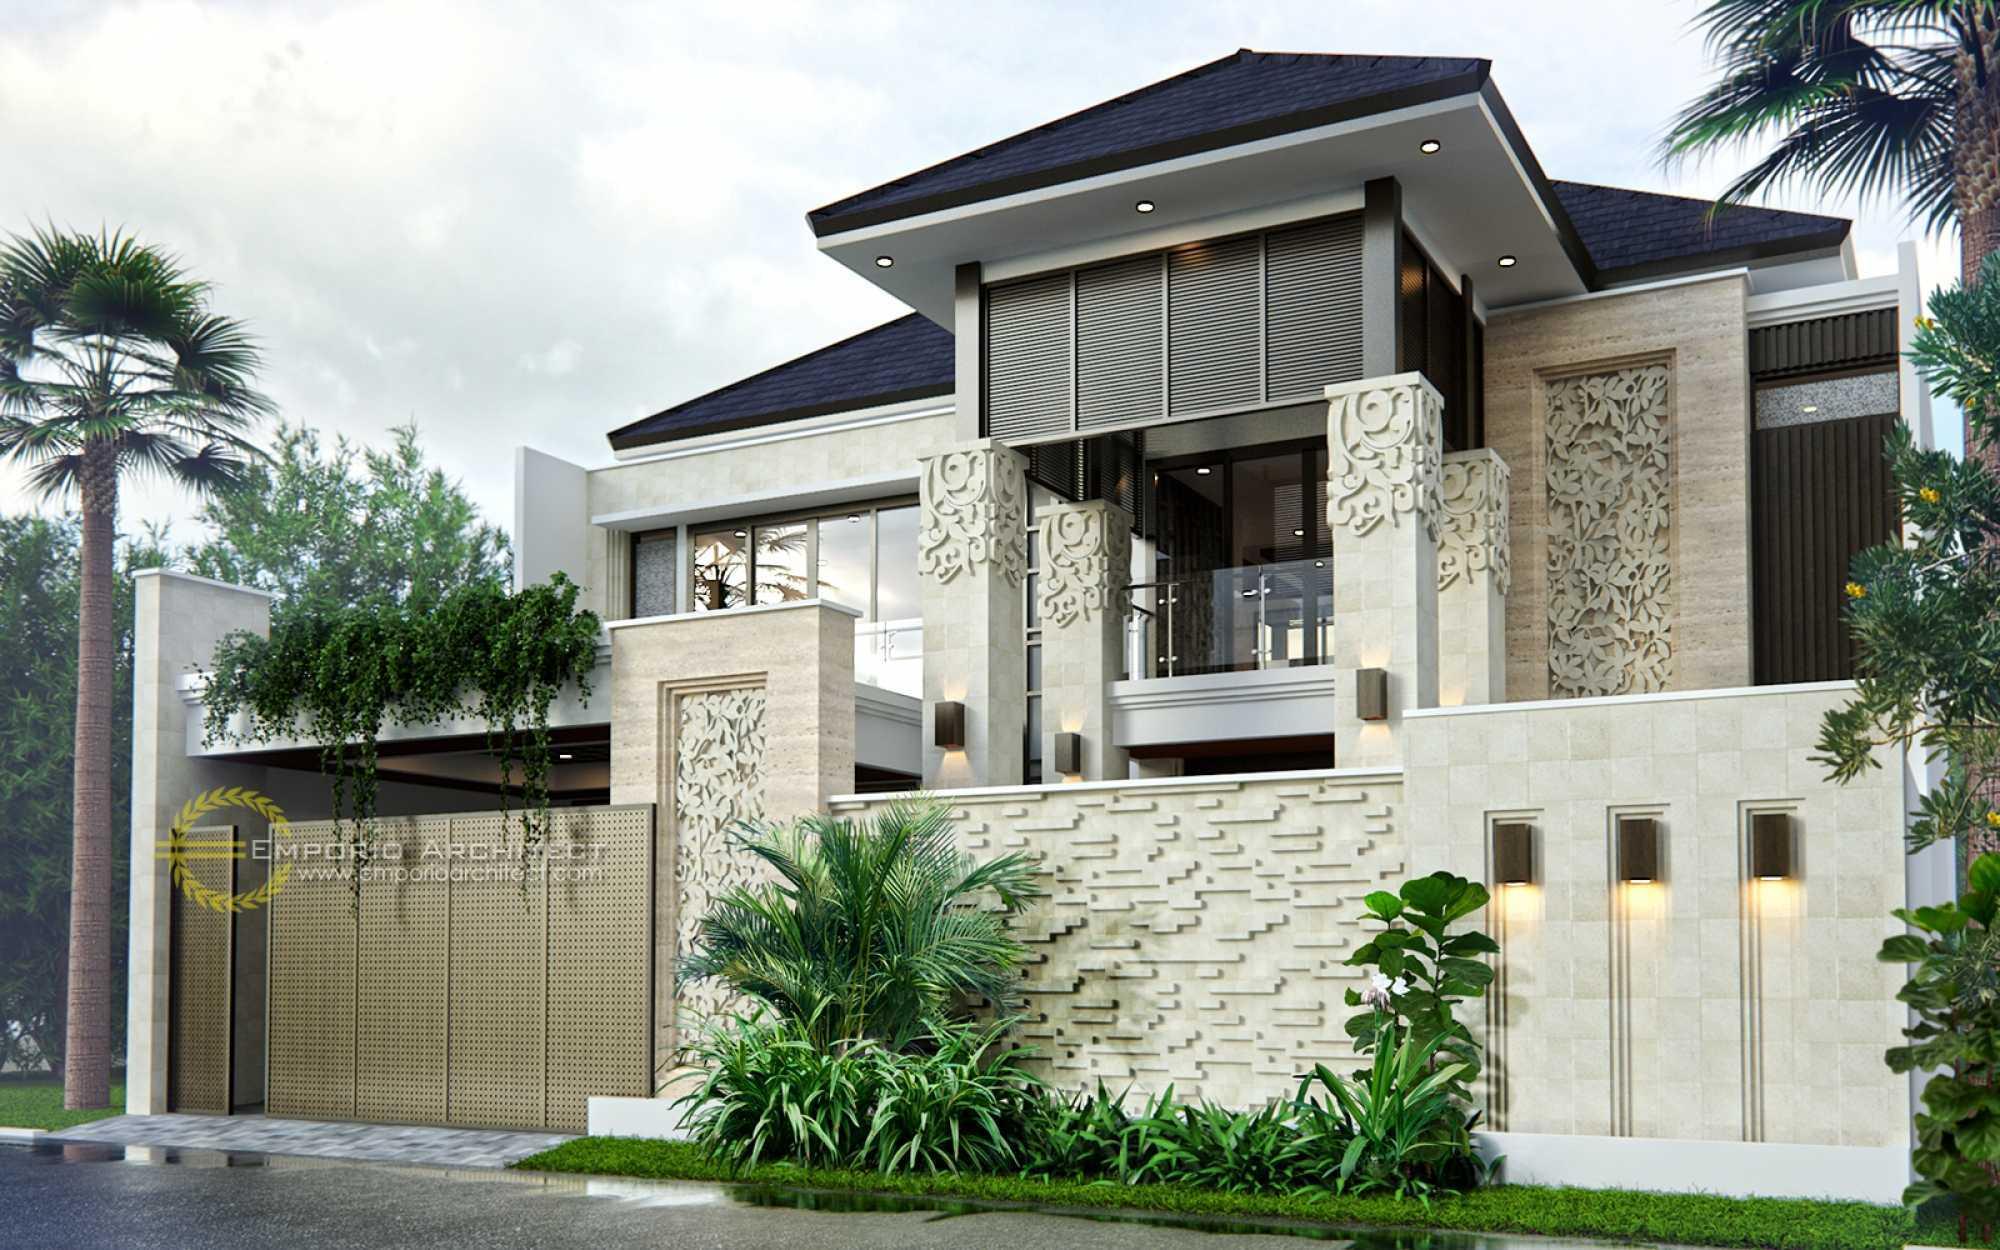 Photo Emporio-architect-desain-rumah-villa-bali-tropis-270-cibubur-jakarta-timur  Desain Rumah Villa Bali Tropis 270 @ Cibubur, Jakarta Timur 3 Desain  Arsitek Oleh Emporio Architect - ARSITAG